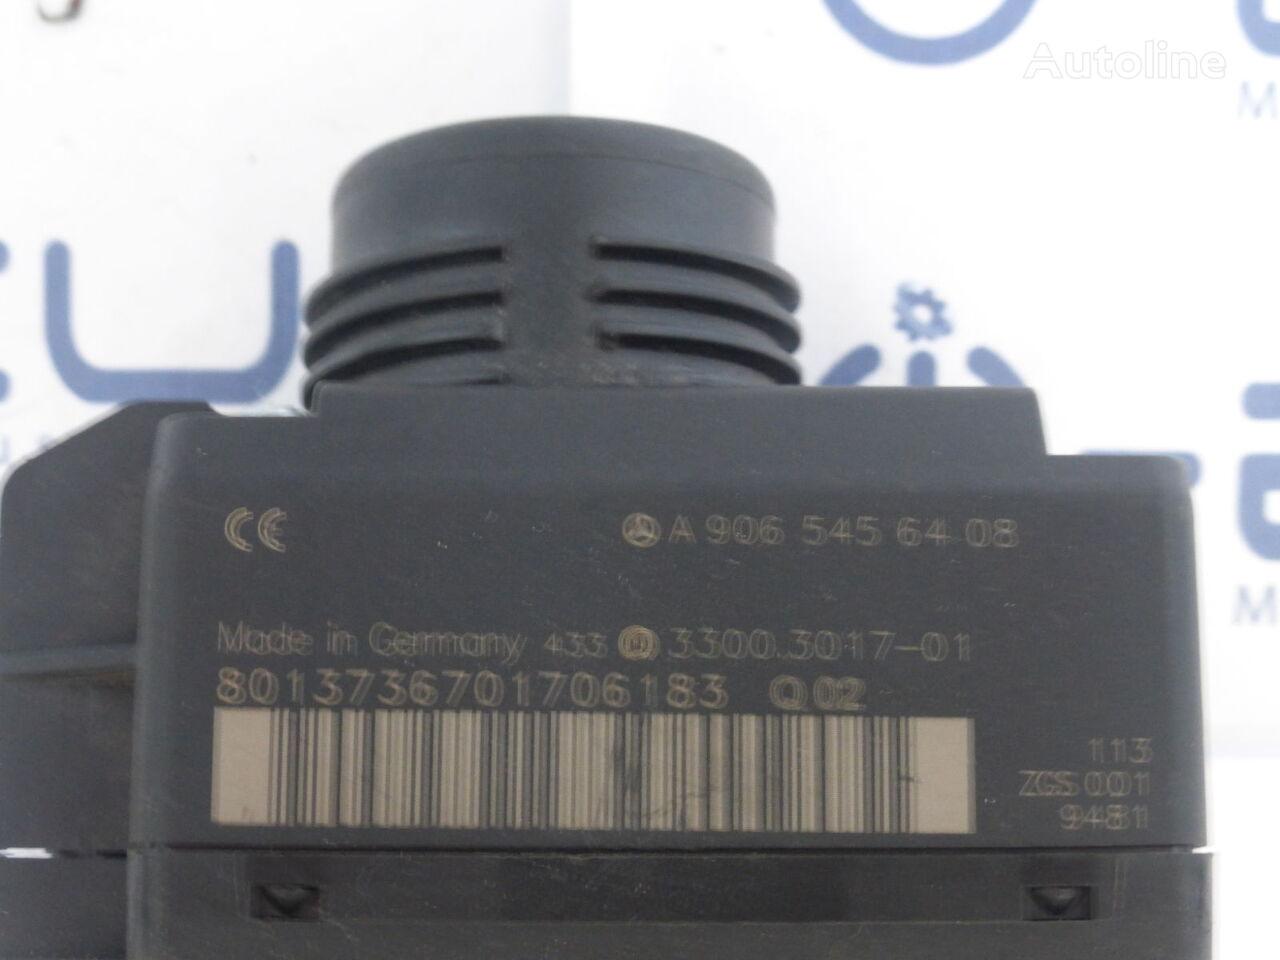 MERCEDES-BENZ A 9065456408 control unit for MERCEDES-BENZ SPRINTER 906 truck